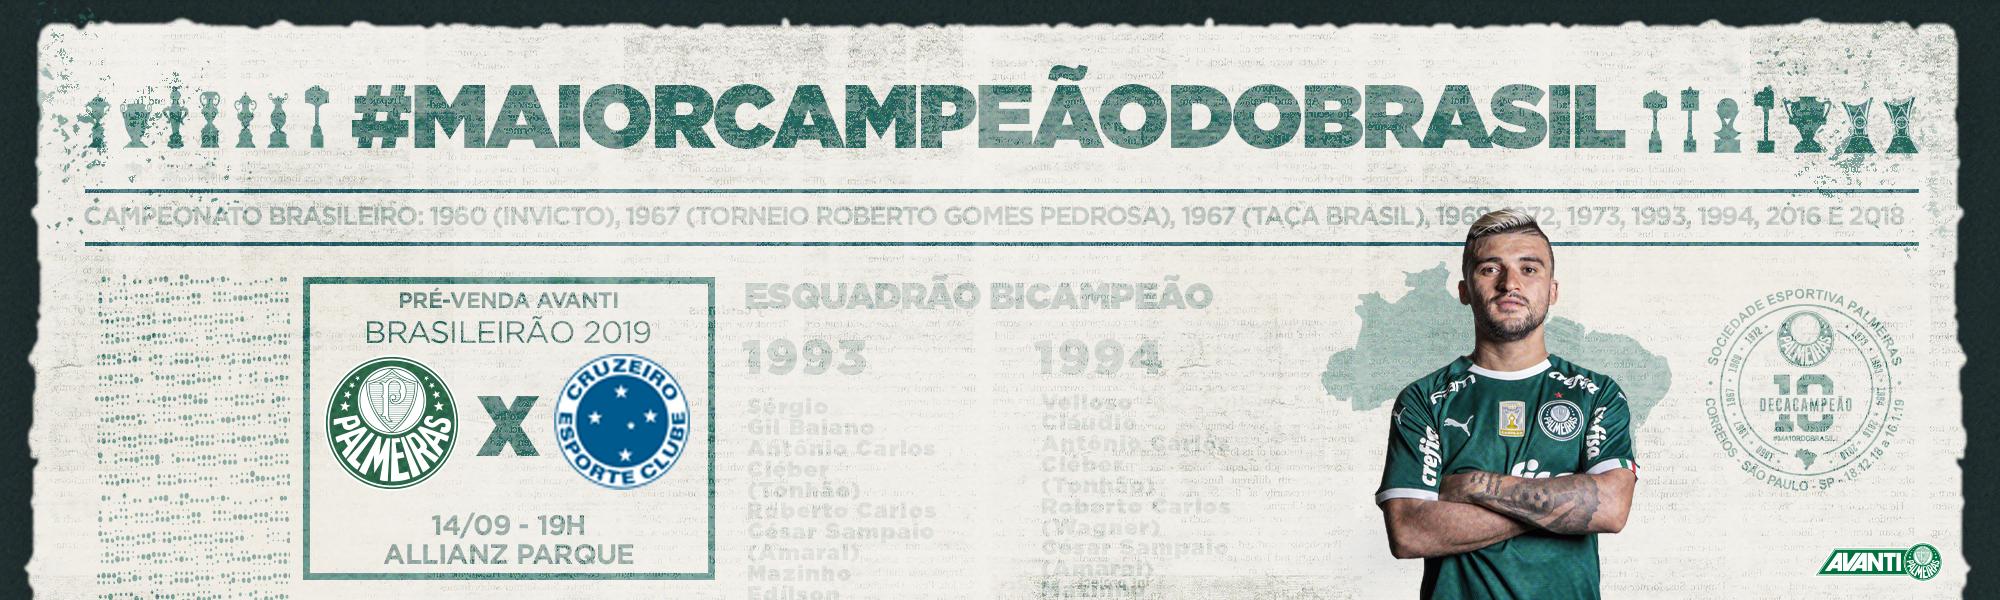 Pre venda Palmeiras x Cruzeiro